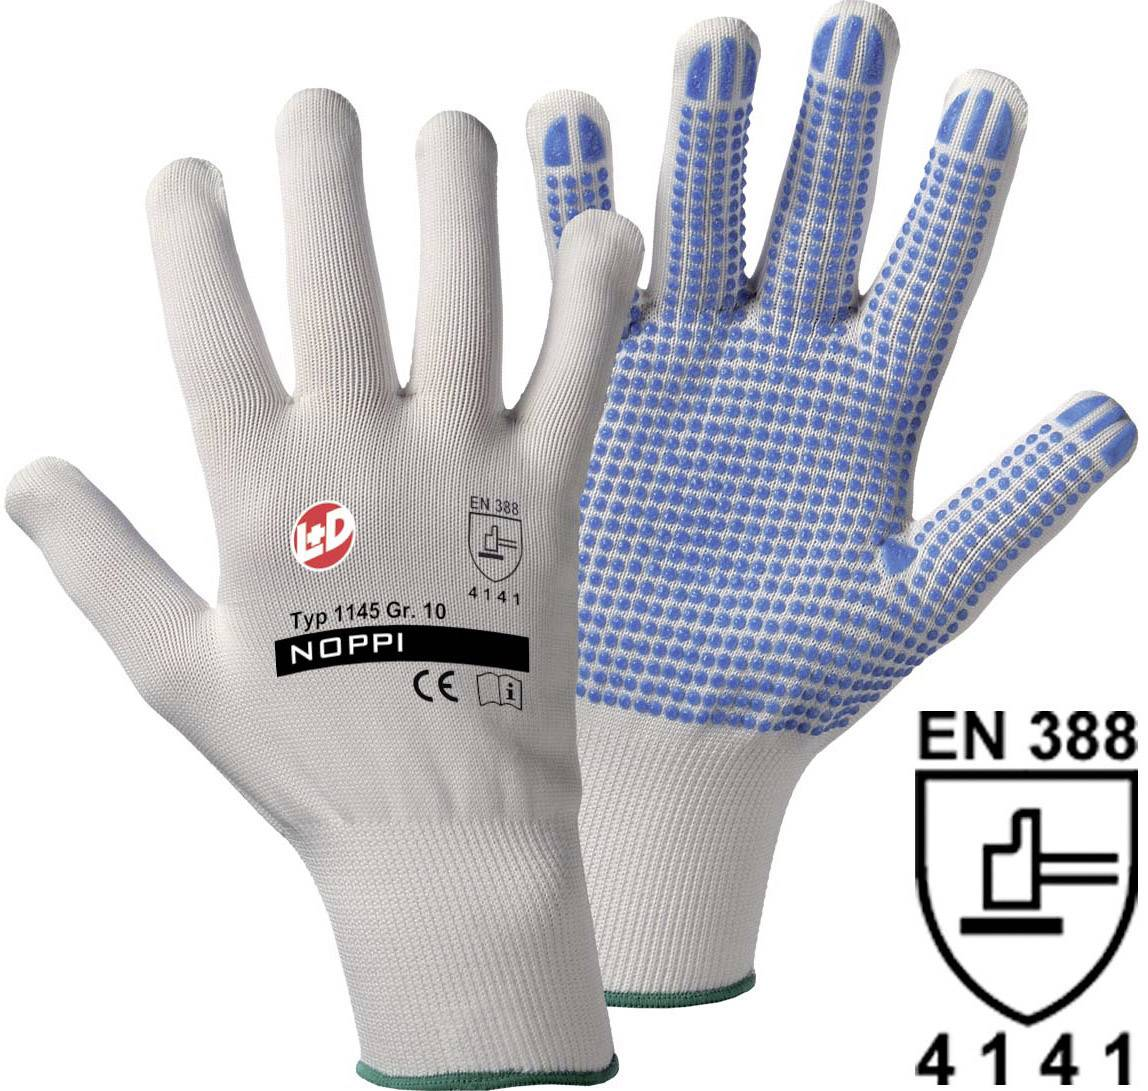 Pracovní rukavice Worky Noppi, 1145, jemně pletené, vel. 7